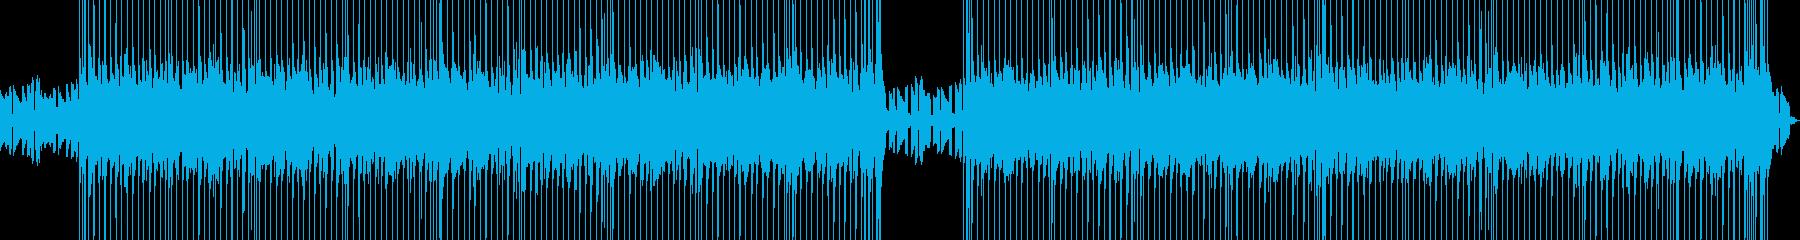 【イベント】祈りなジャームスの再生済みの波形